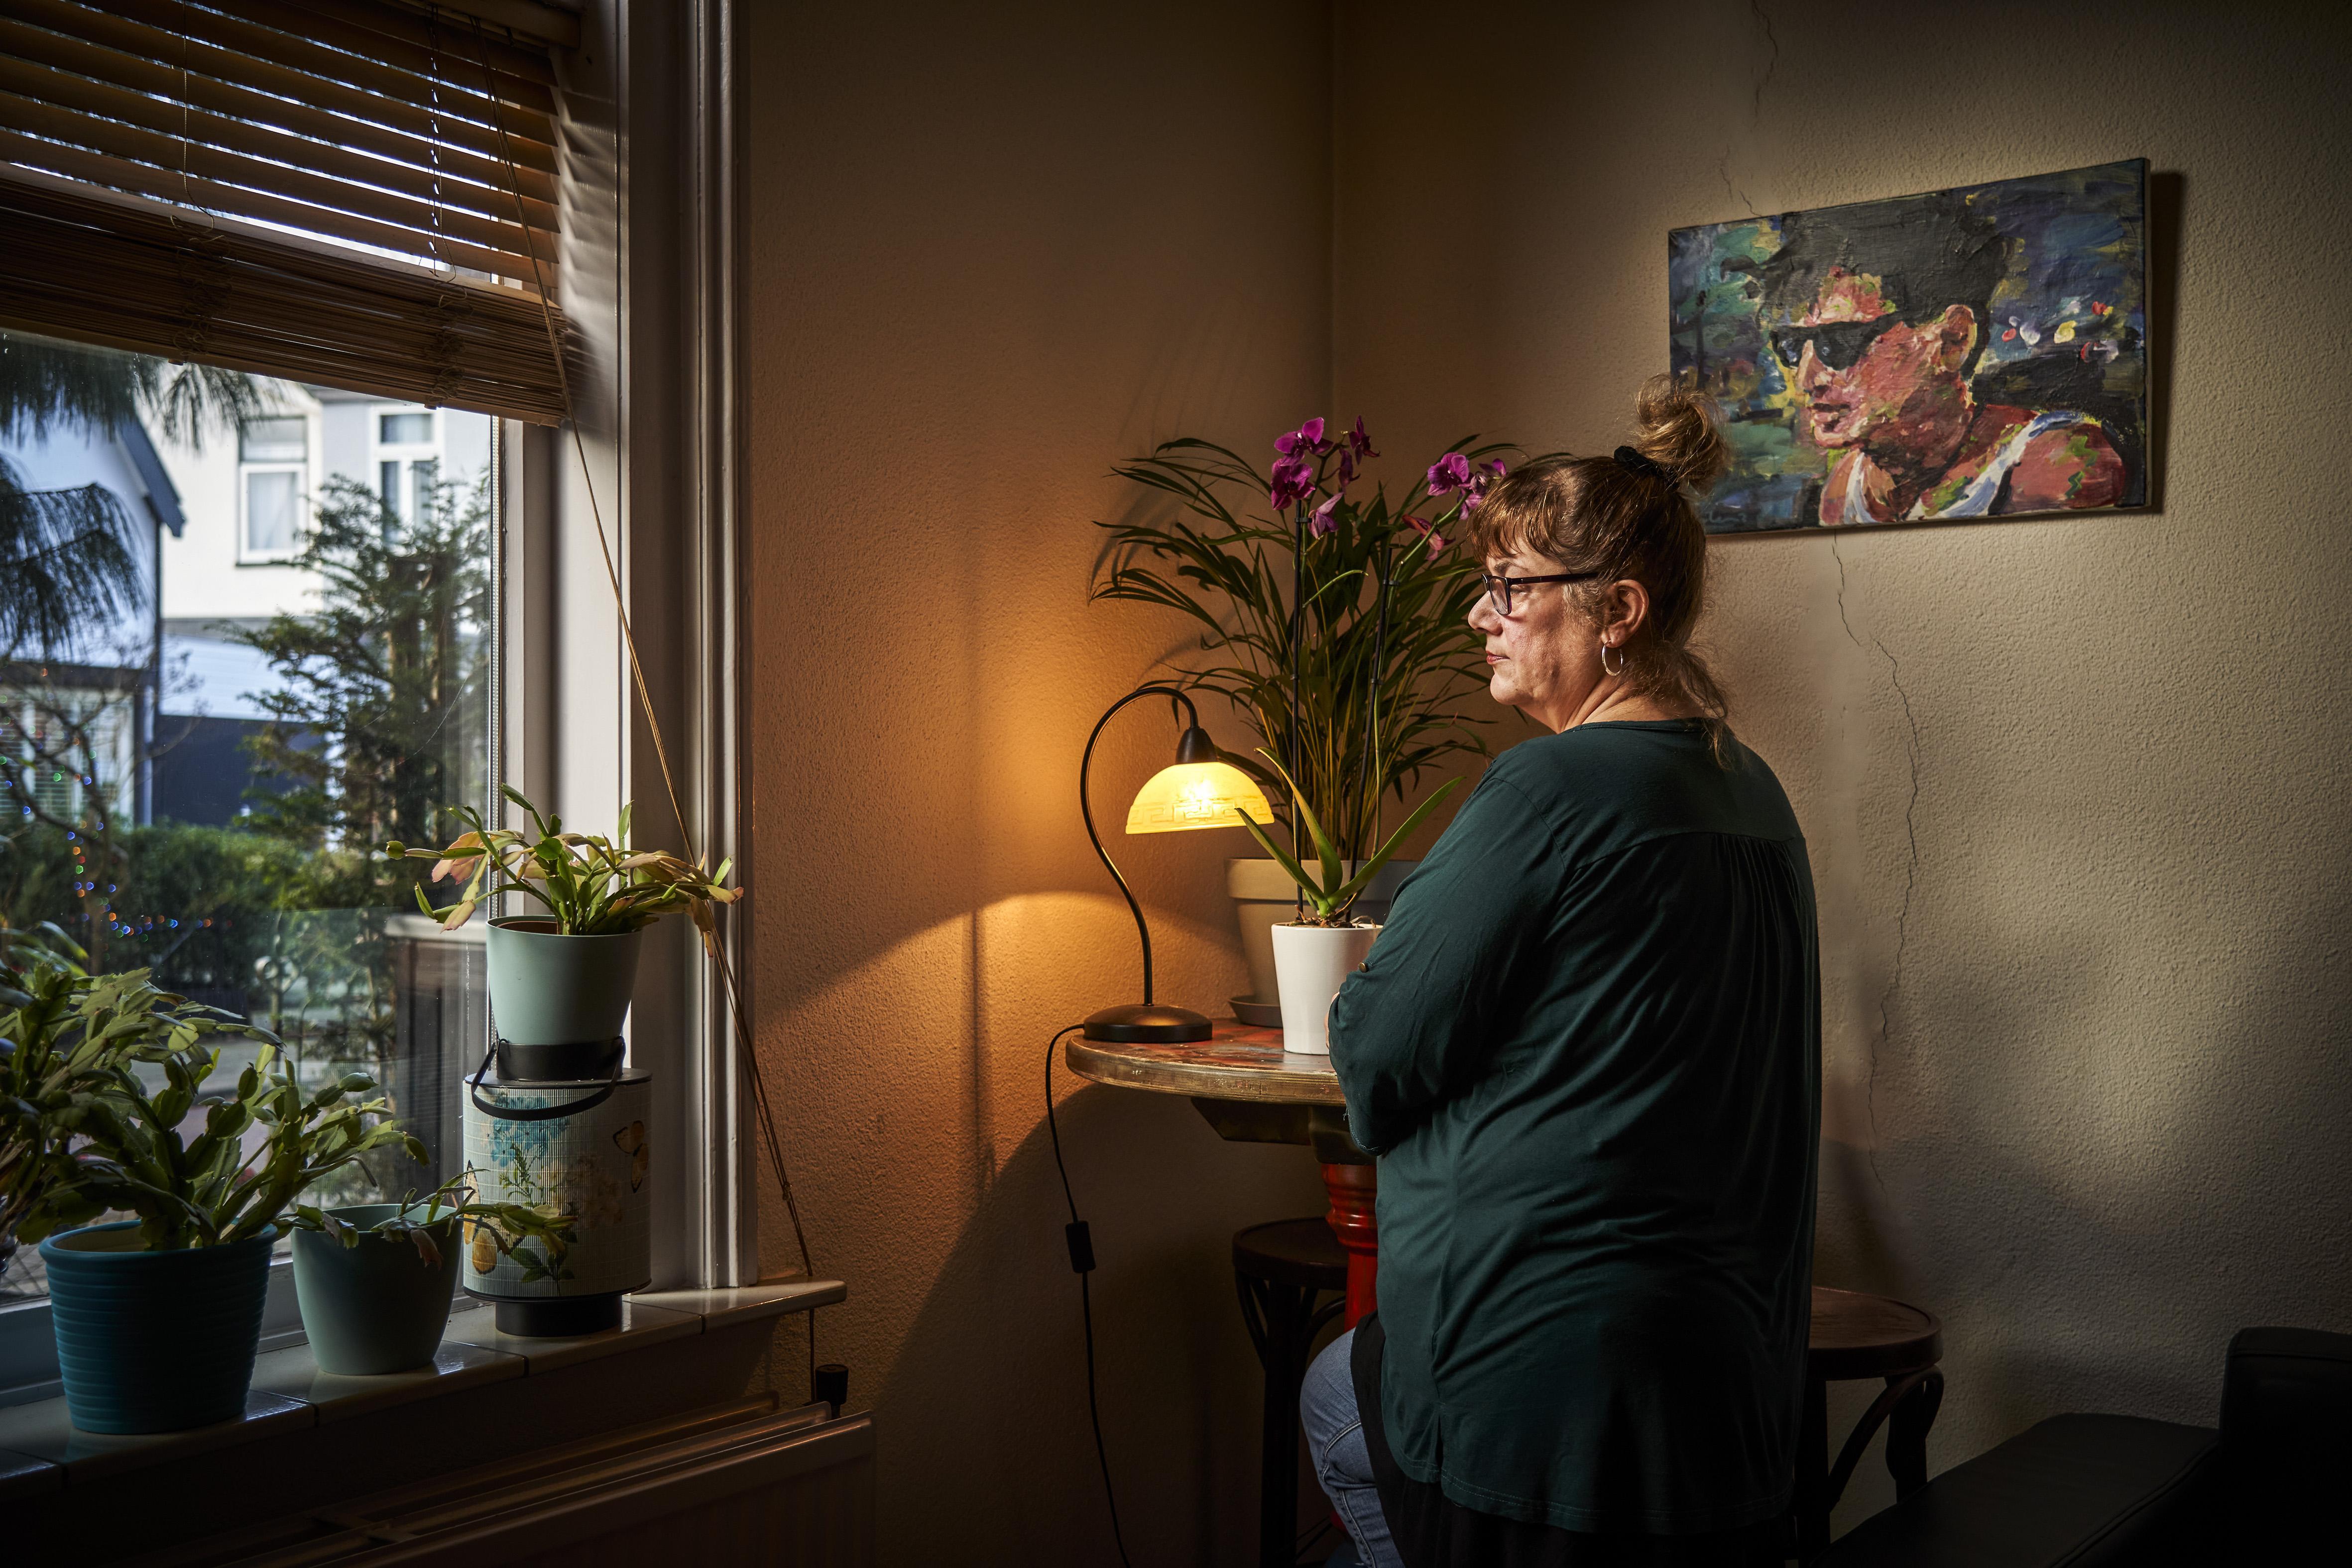 Sabine uit Bussum kreeg nooit bijstand, maar moest door een fout van haar vriend toch anderhalve ton terugbetalen wegens fraude: 'Wettelijk klopt het, maar het voelt zó oneerlijk'